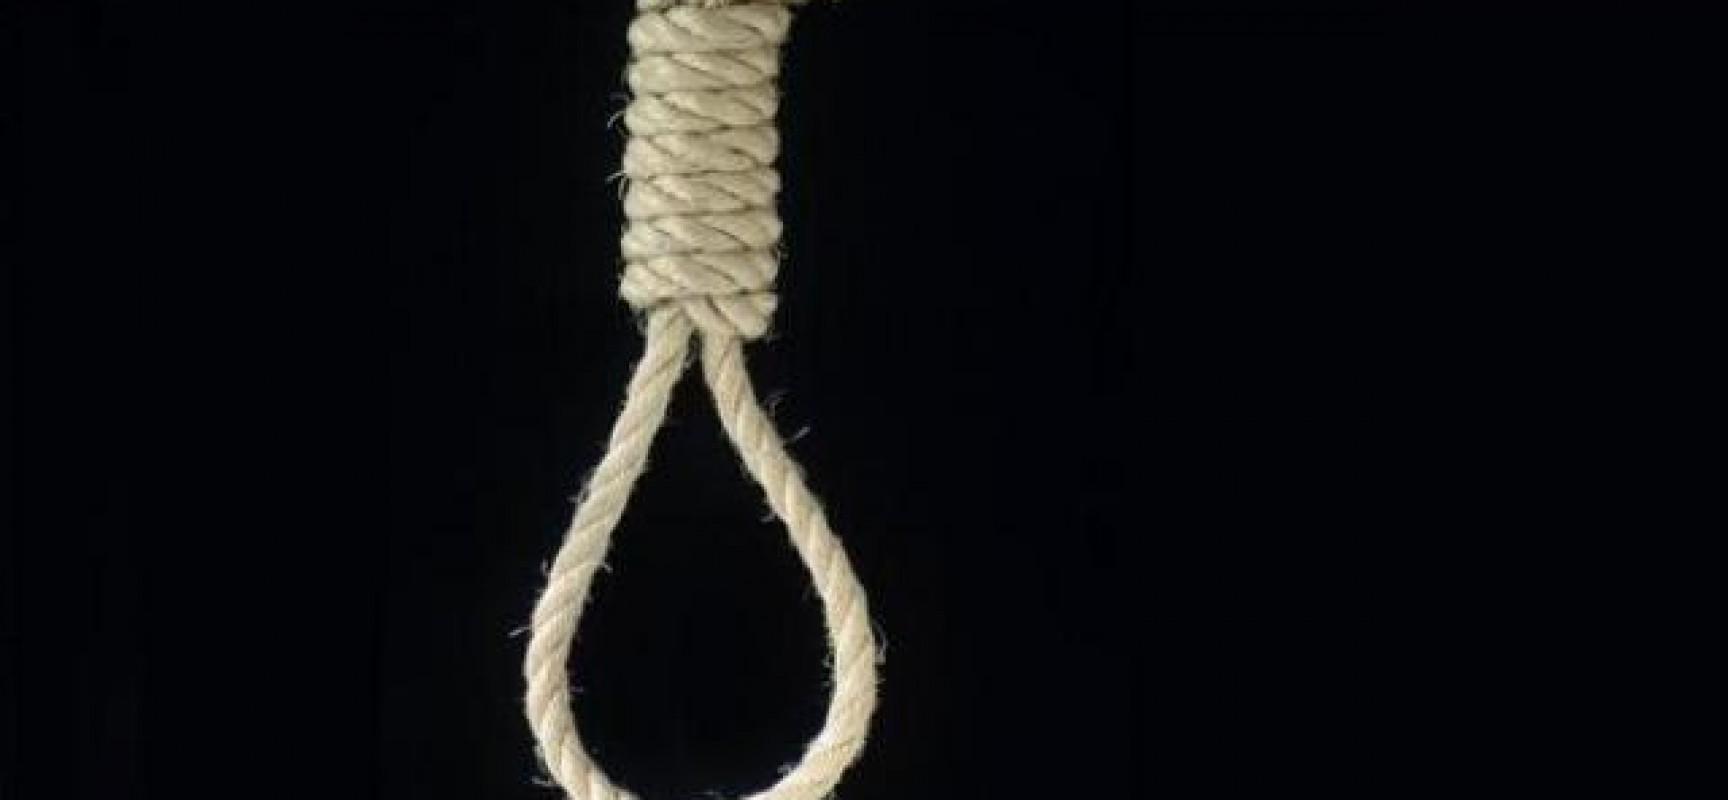 Sobrinha encontra tio enforcado em uma corda no Jucelandia